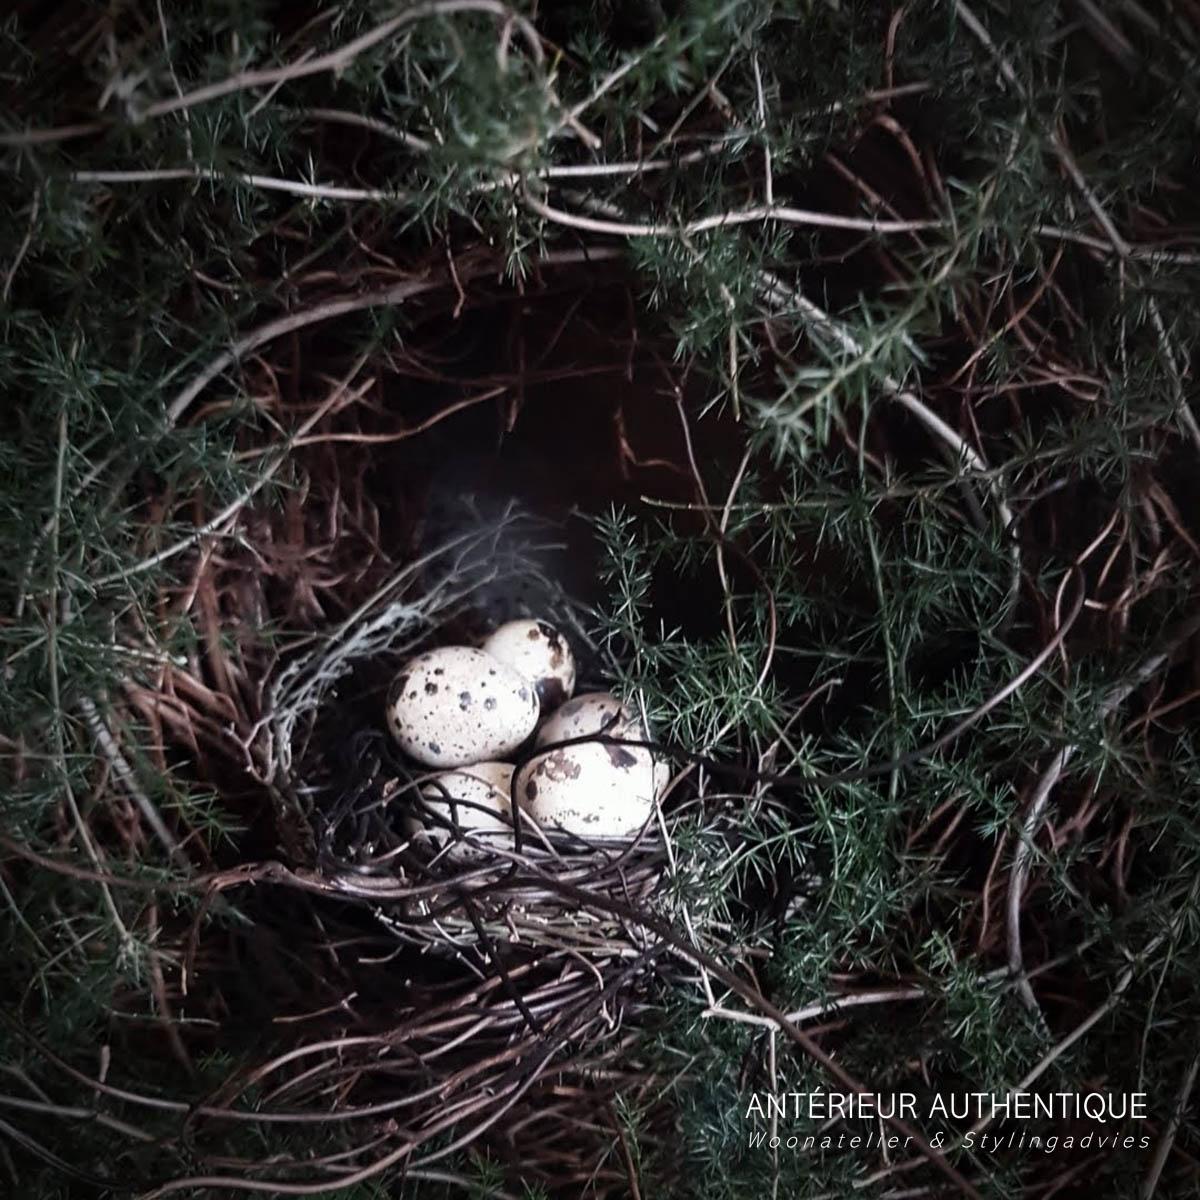 Afbeelding van vogelnestje in krans wilde asparagus voor gebruik in webshop van Antérieur Authentique